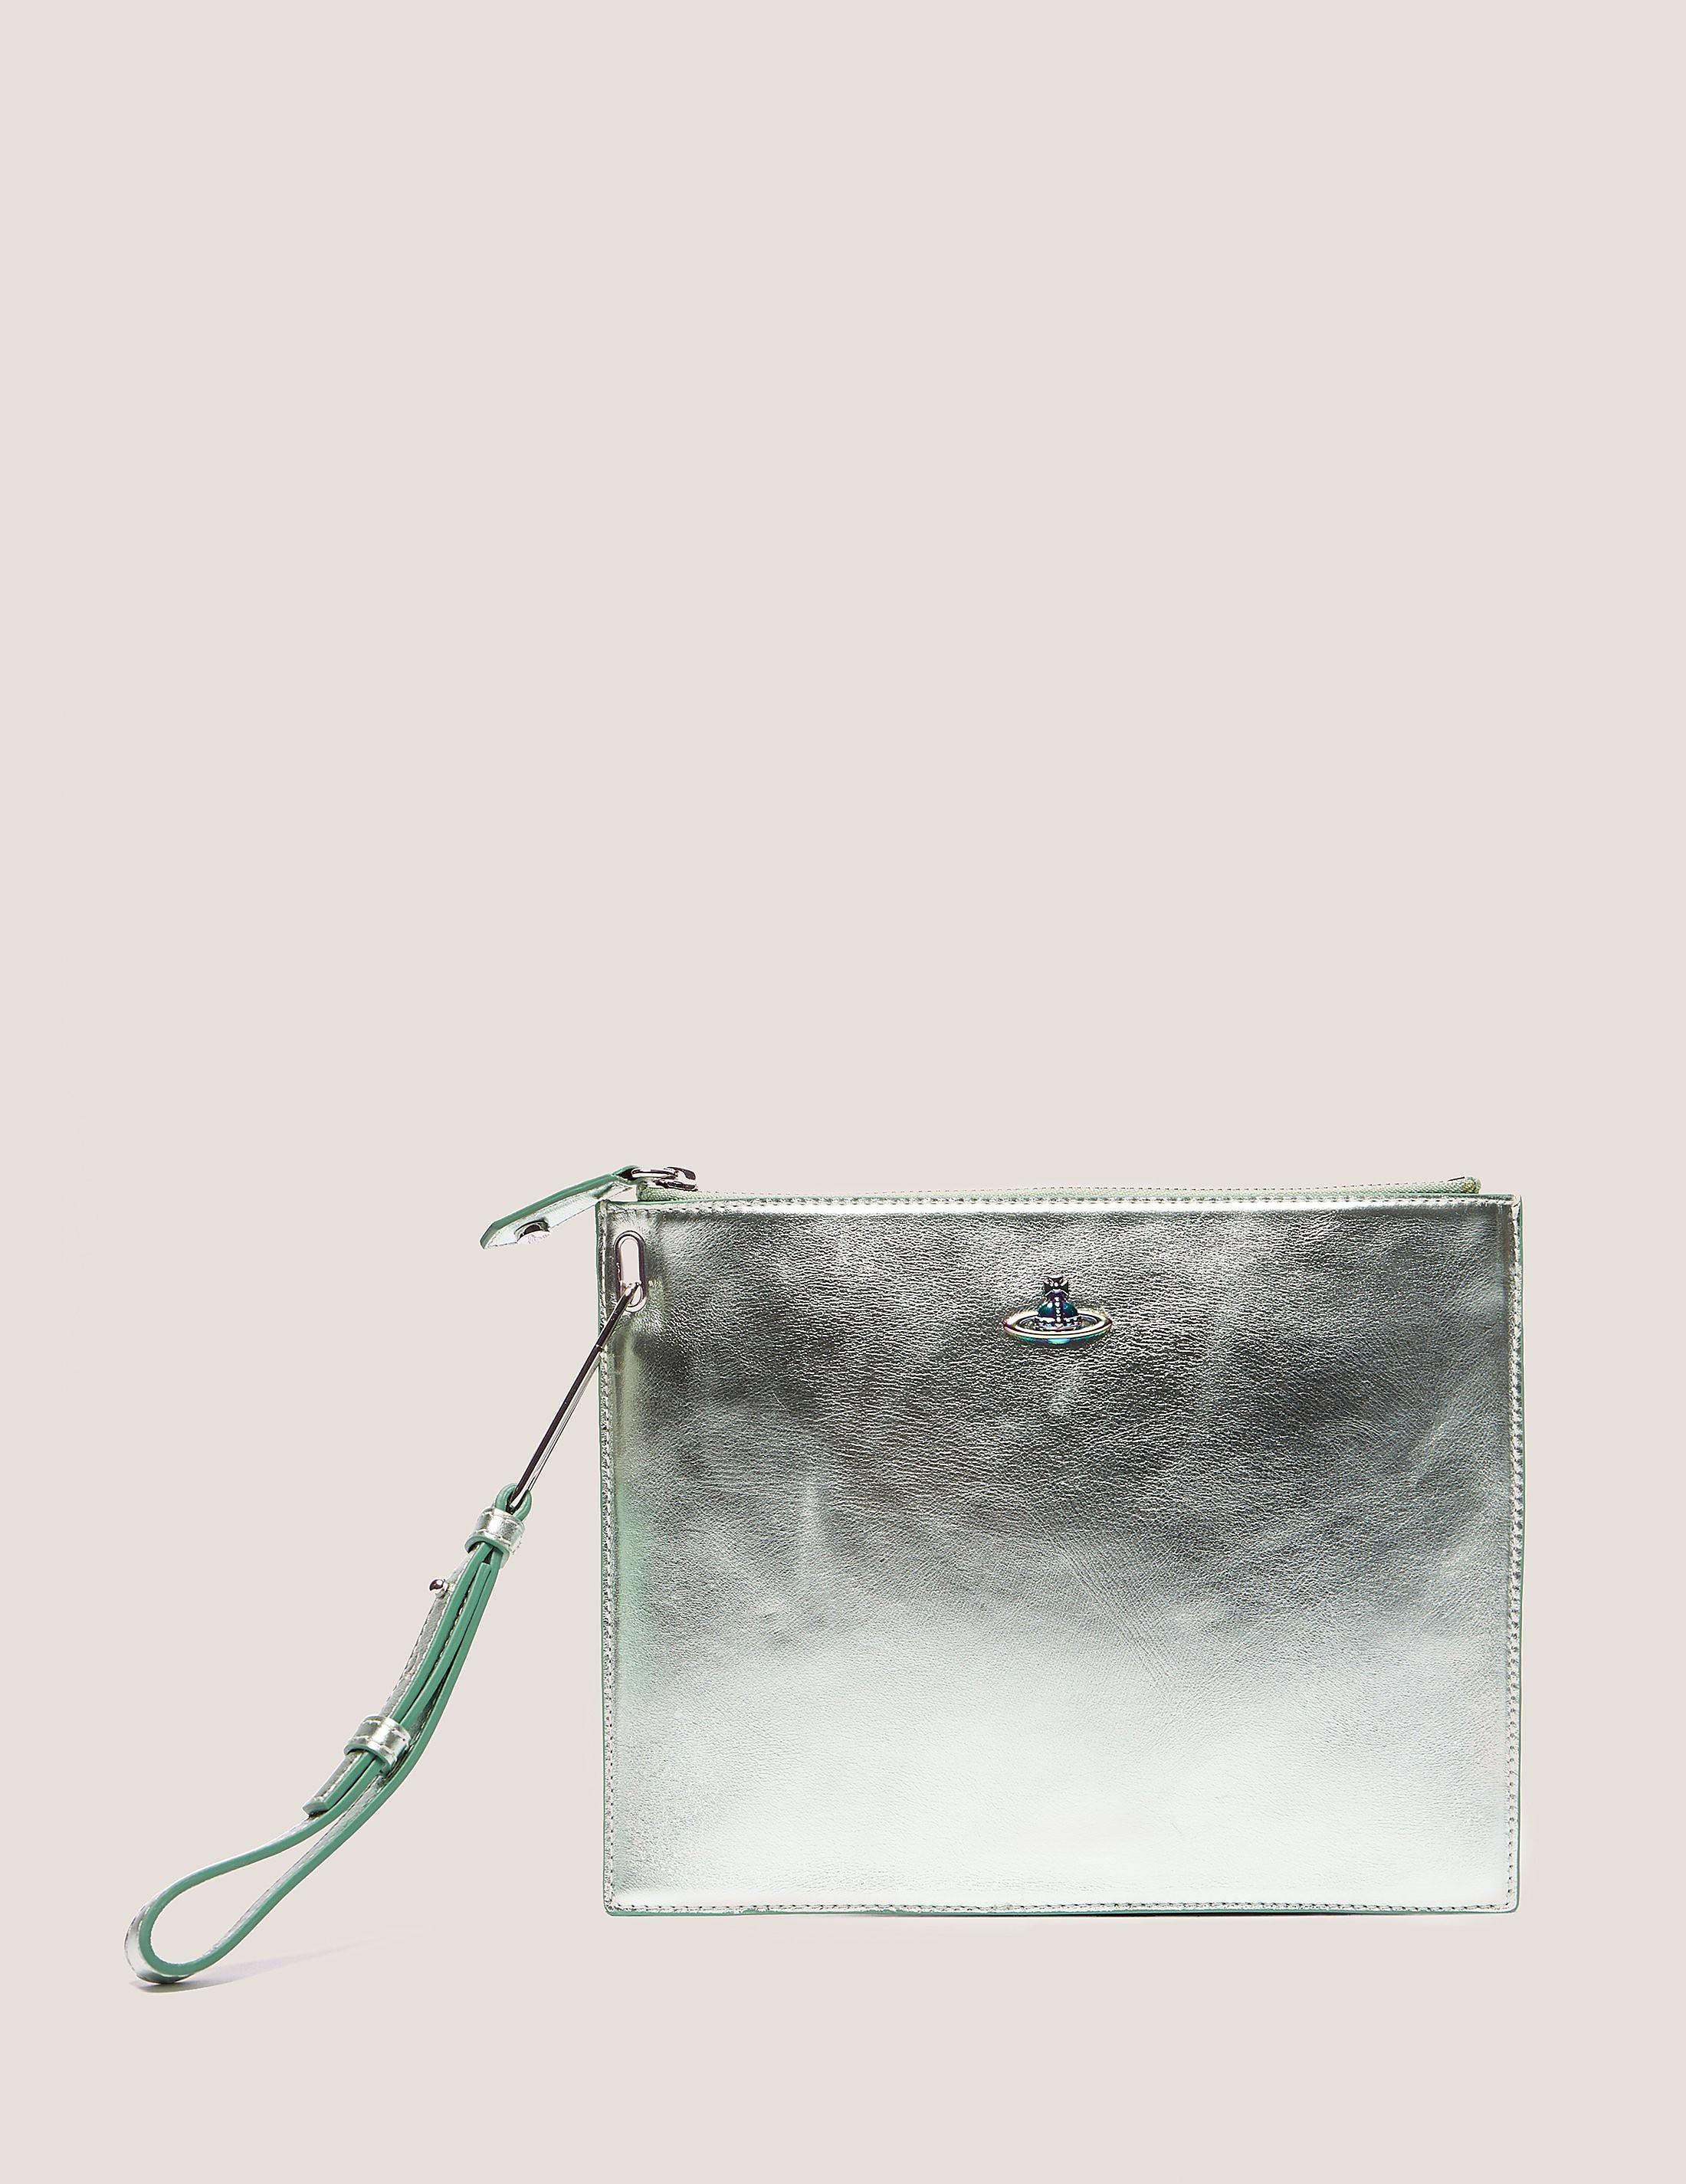 Vivienne Westwood Venice Clutch Bag - Online Exclusive